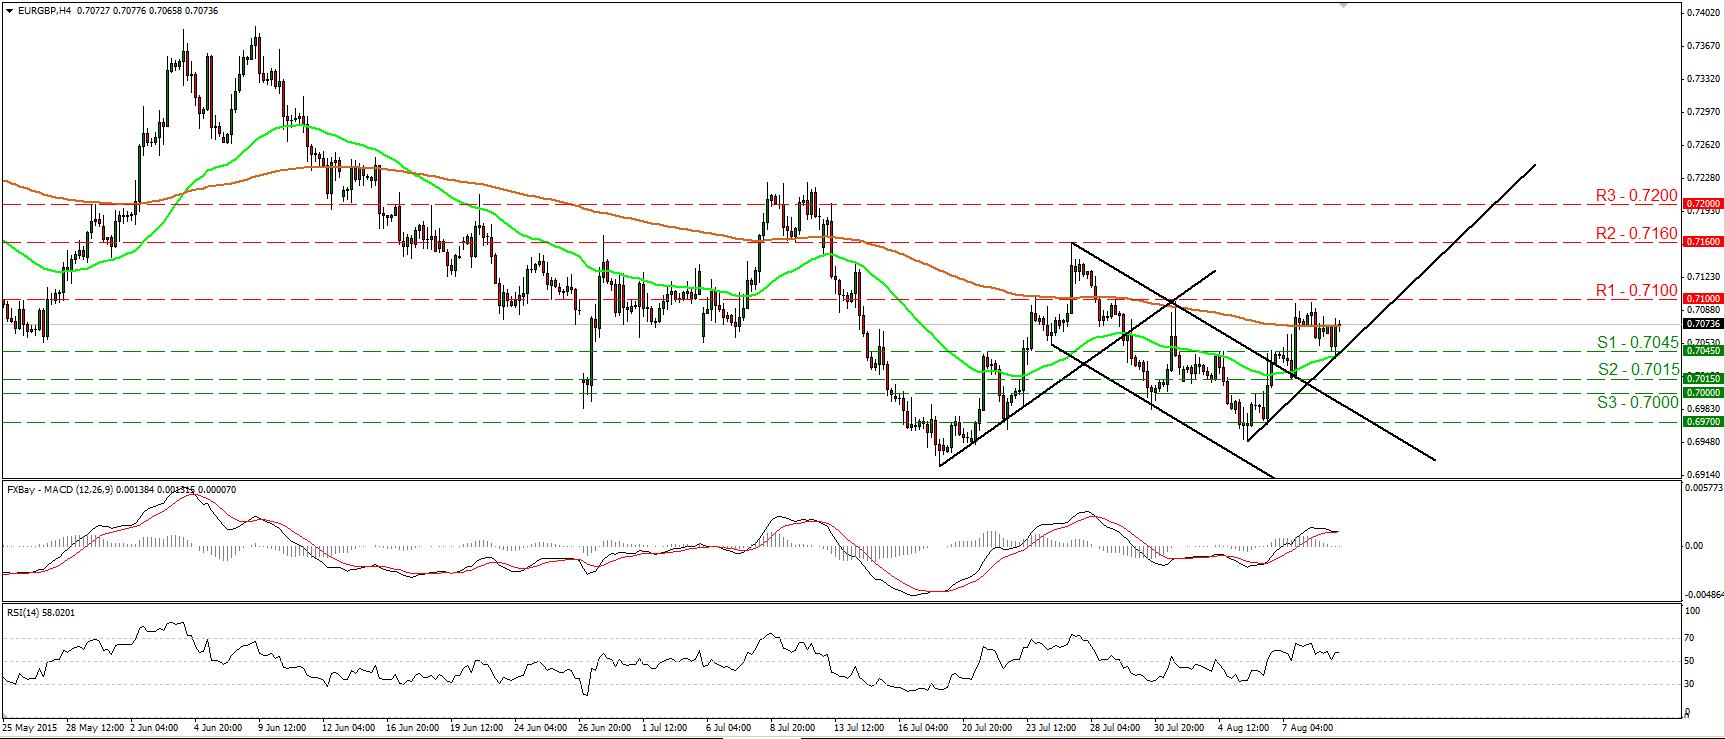 EURGBP_11Aug2015